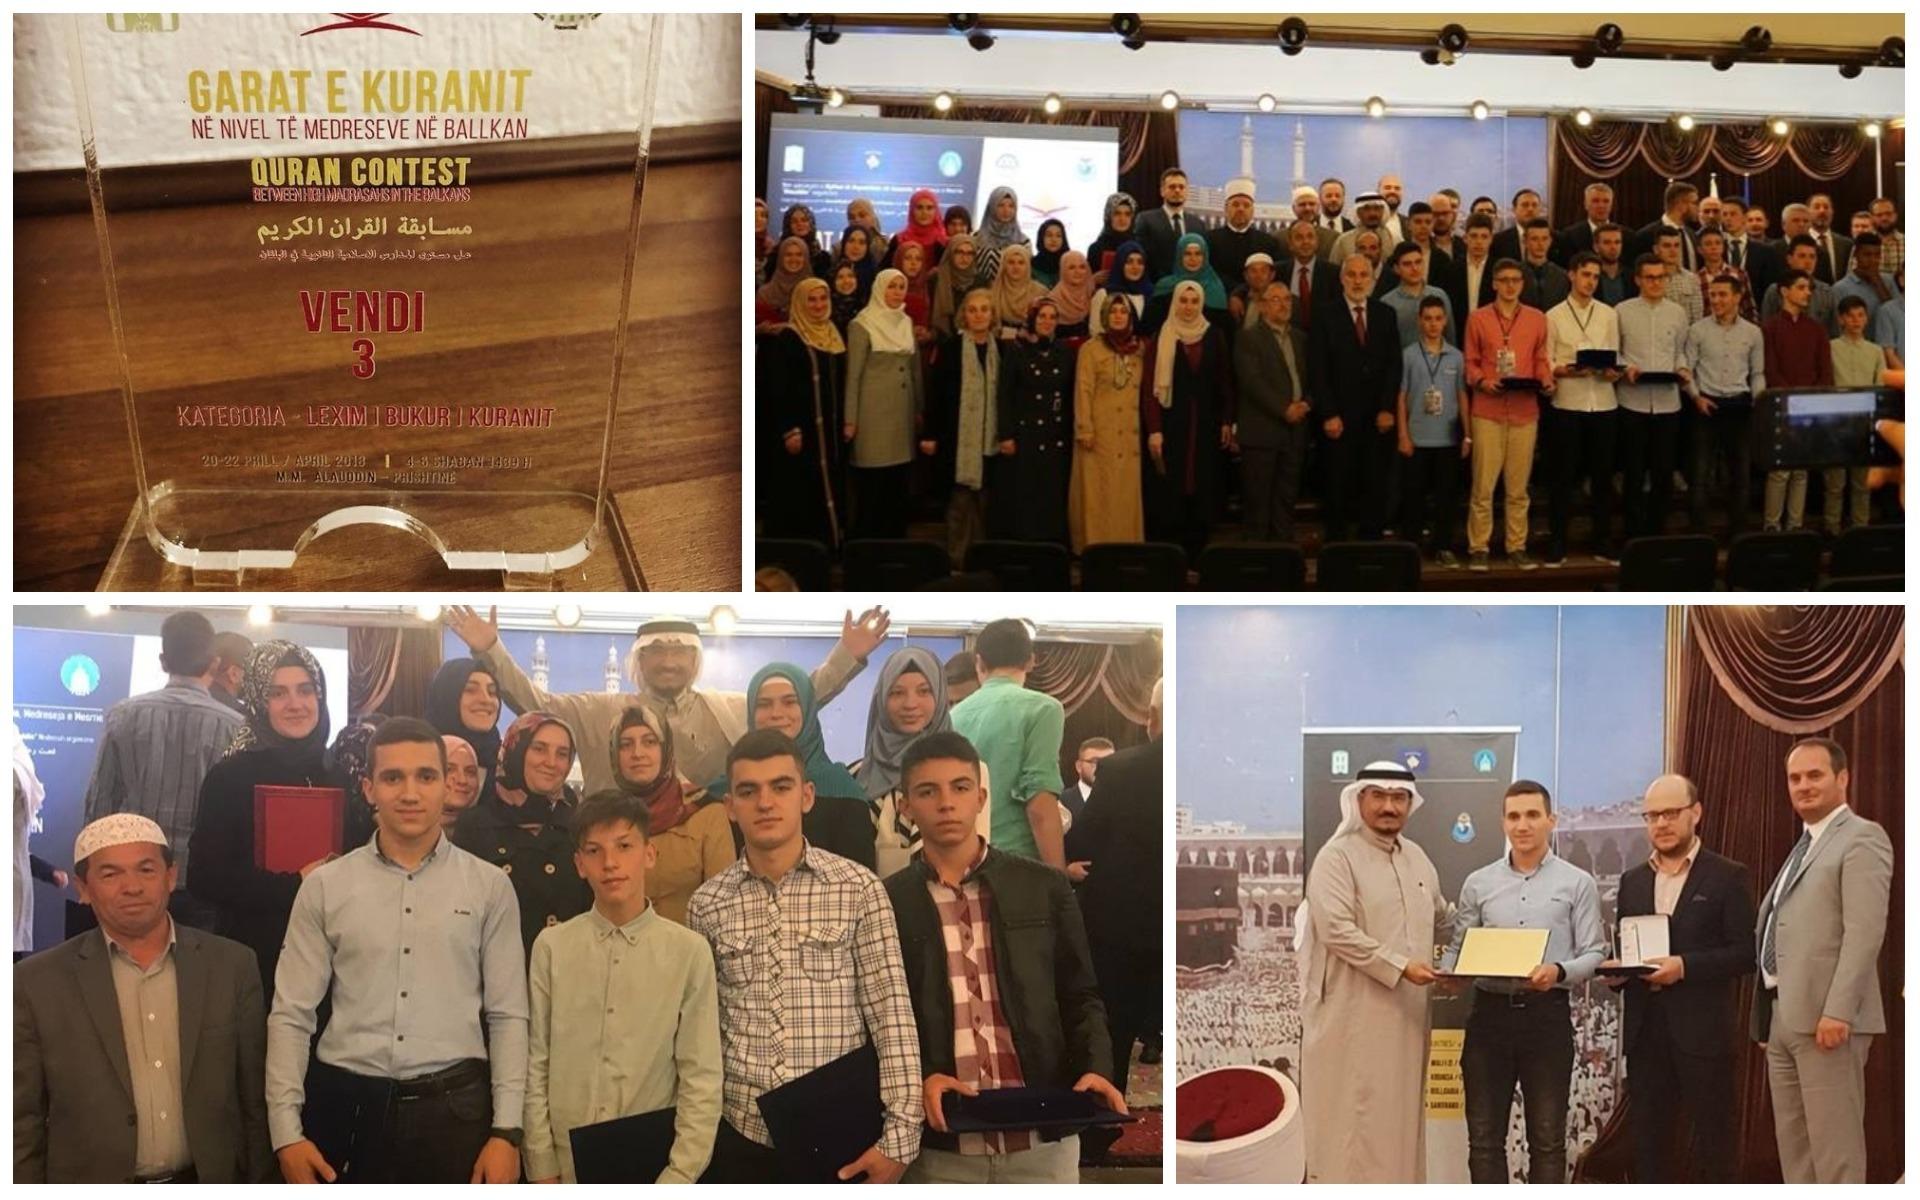 Medreseja Isa Beu në garat Kur'anore Ballkanike triumfon me 5 çmime të fituara si dhe me një çmim special